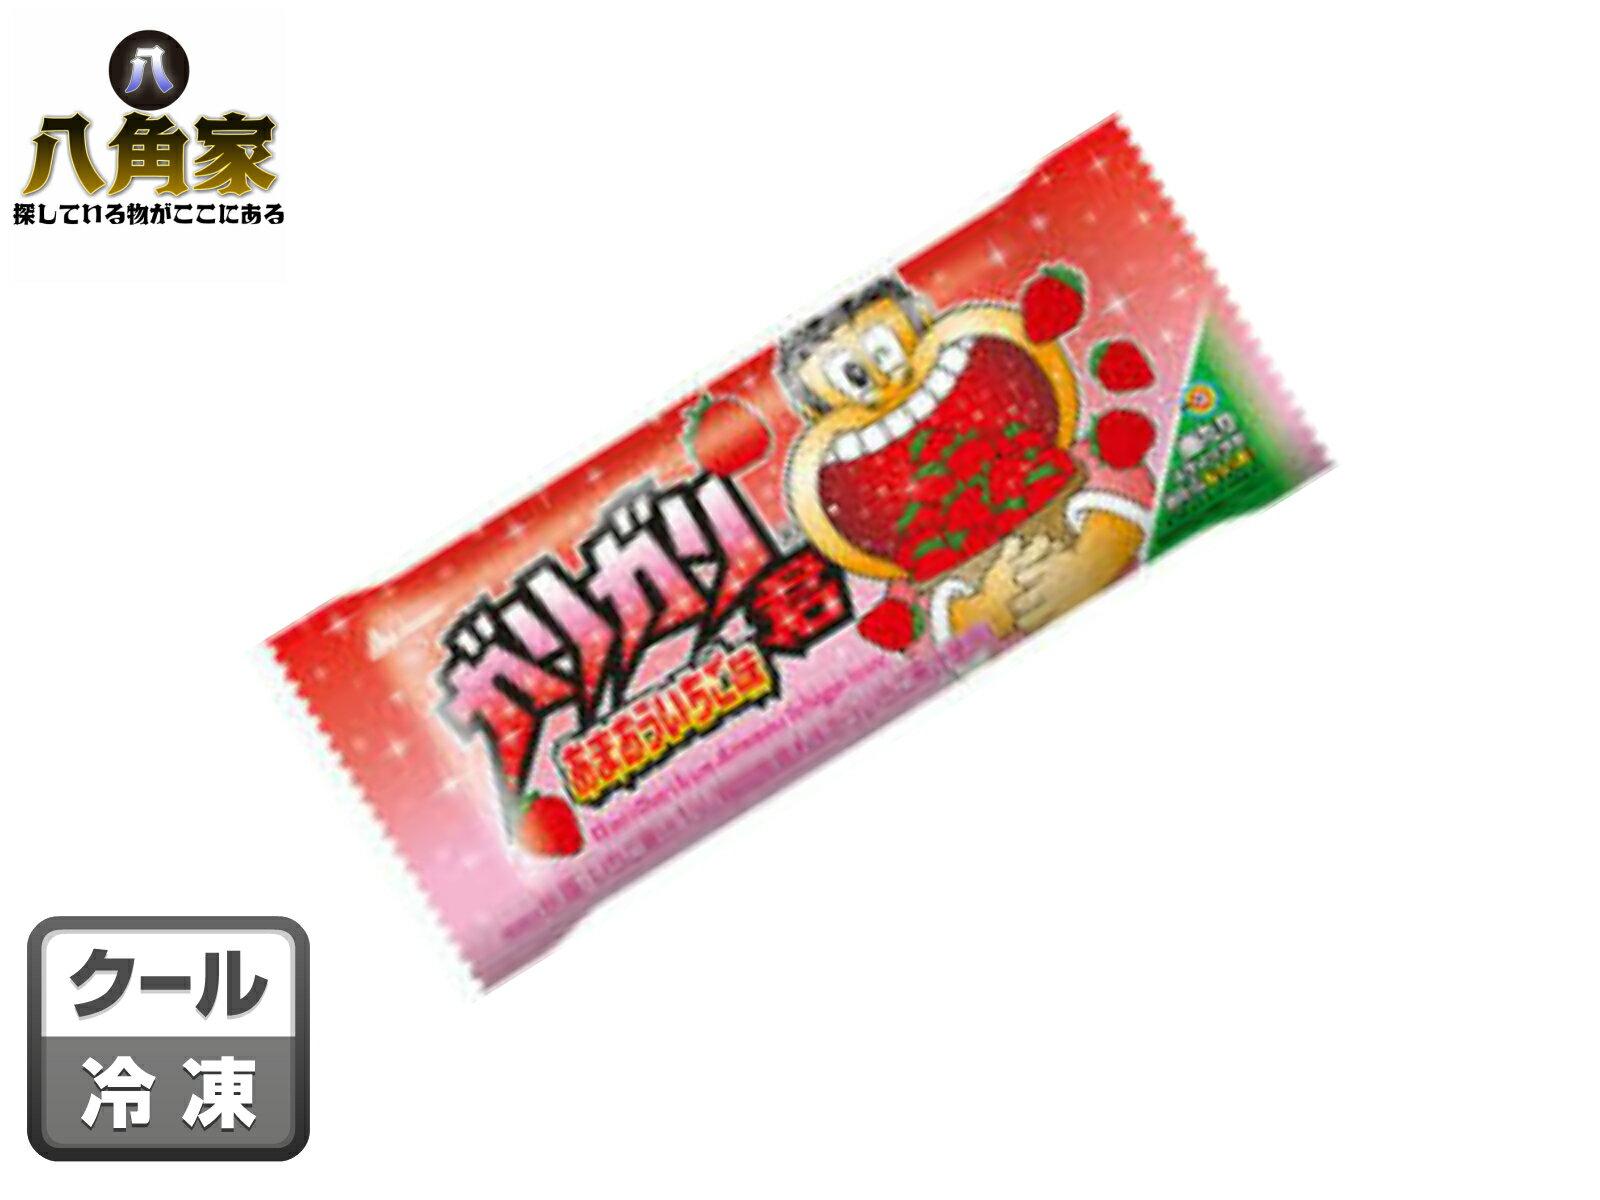 赤城乳業 ガリガリ君 あまおういちご味 32本 福岡県産あまおういちご果汁使用 あまおういちごのかき氷 当たり付き